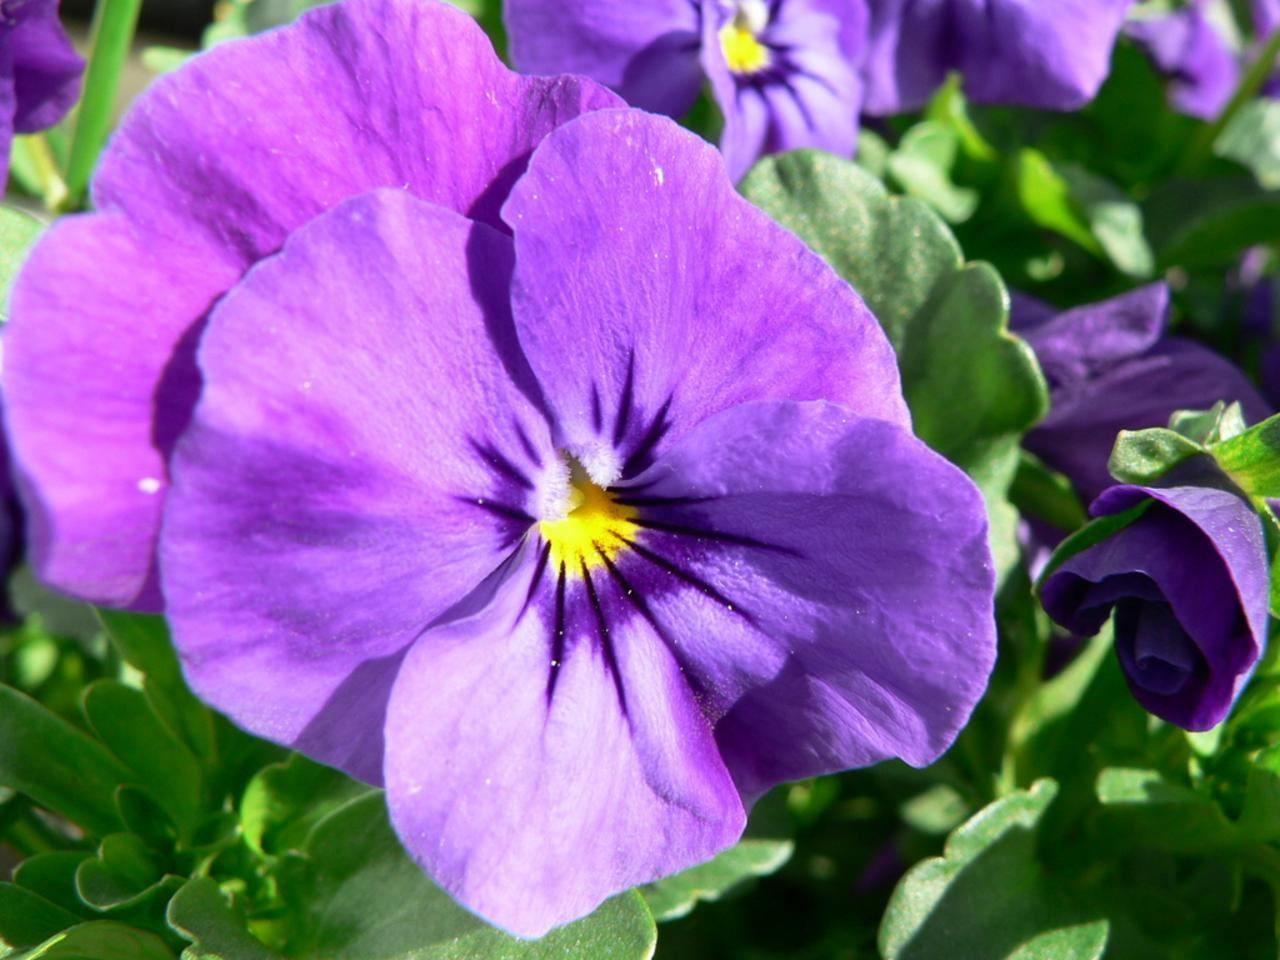 Purple Pansy Flower Pansies Flowers Pansies Flowers